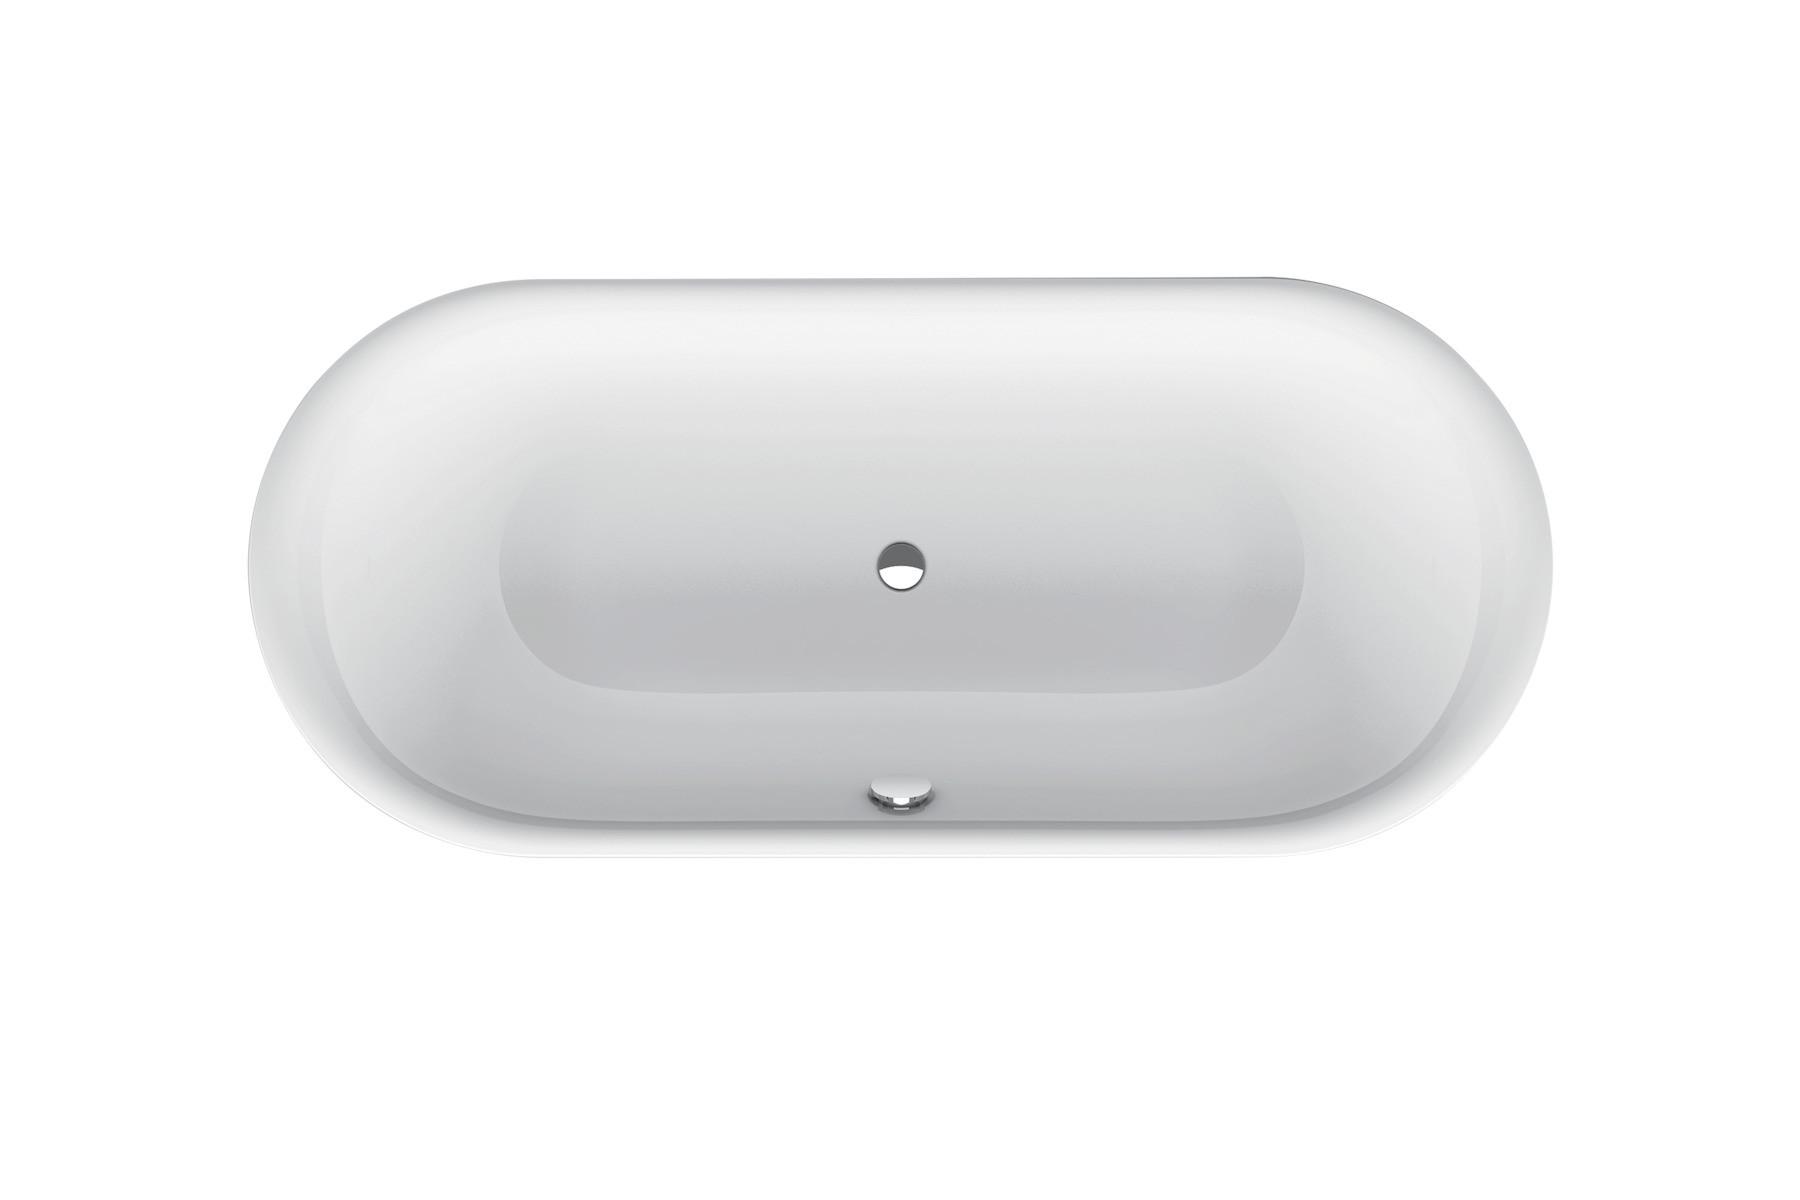 Bette Lux Oval - 1800×800 mm Bahama Beige (003) inkl. Antirutsch inkl. Wannenträger